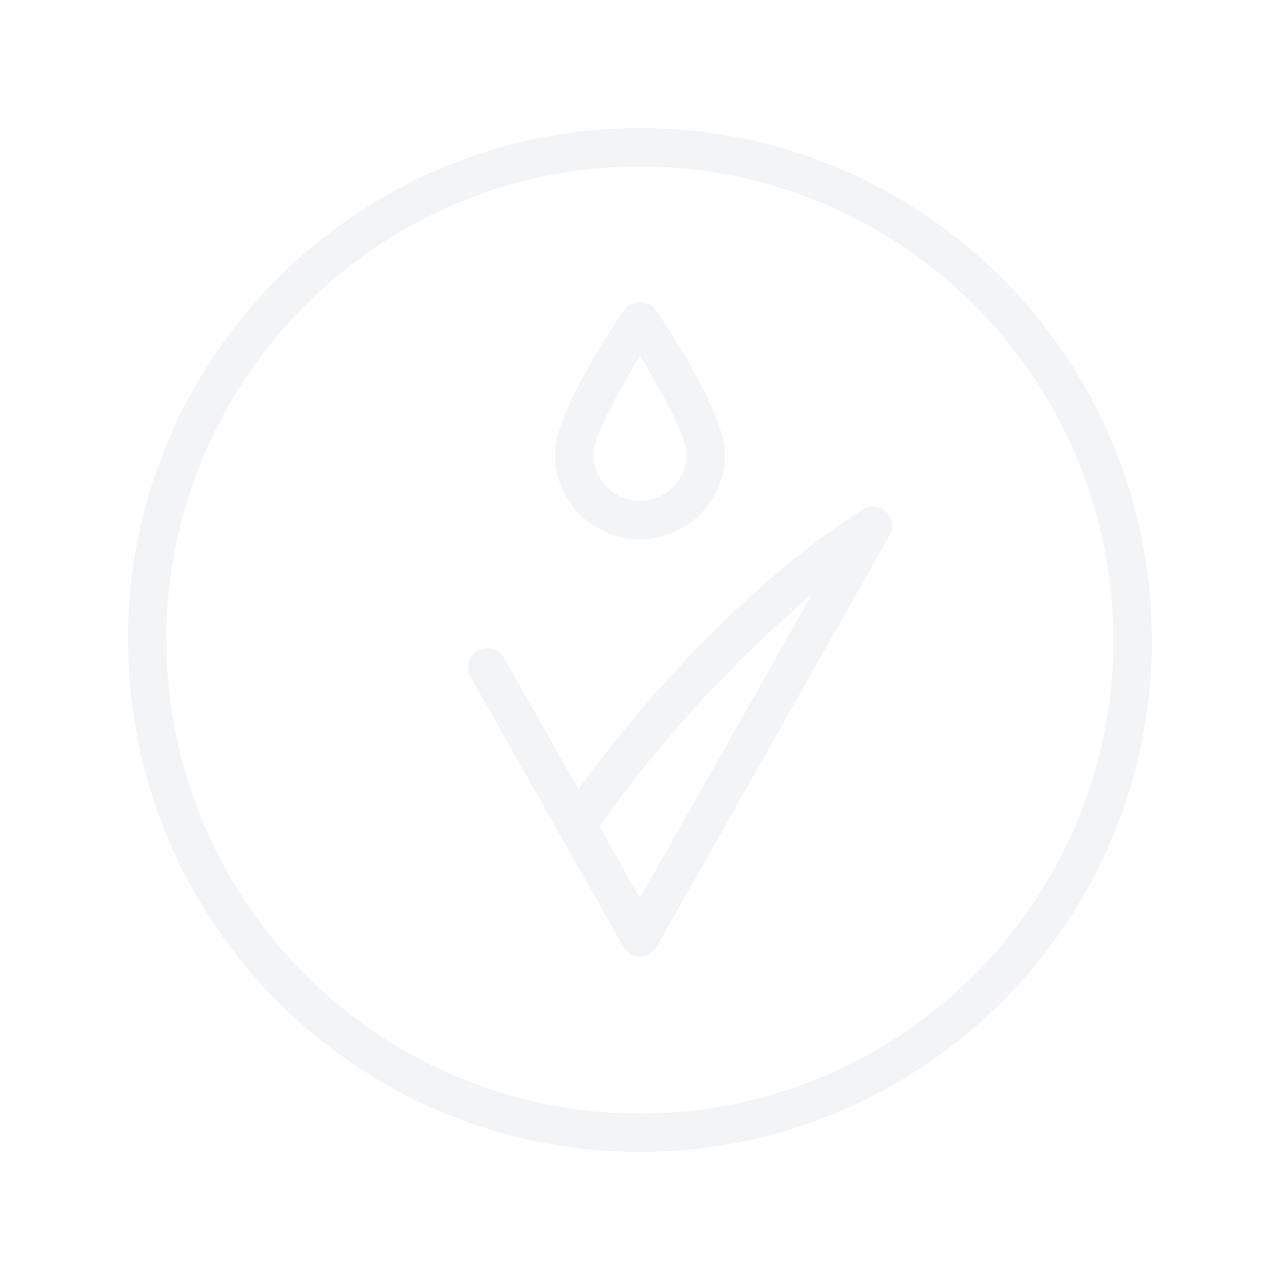 Clinique Even Better Makeup SPF 15 30ml